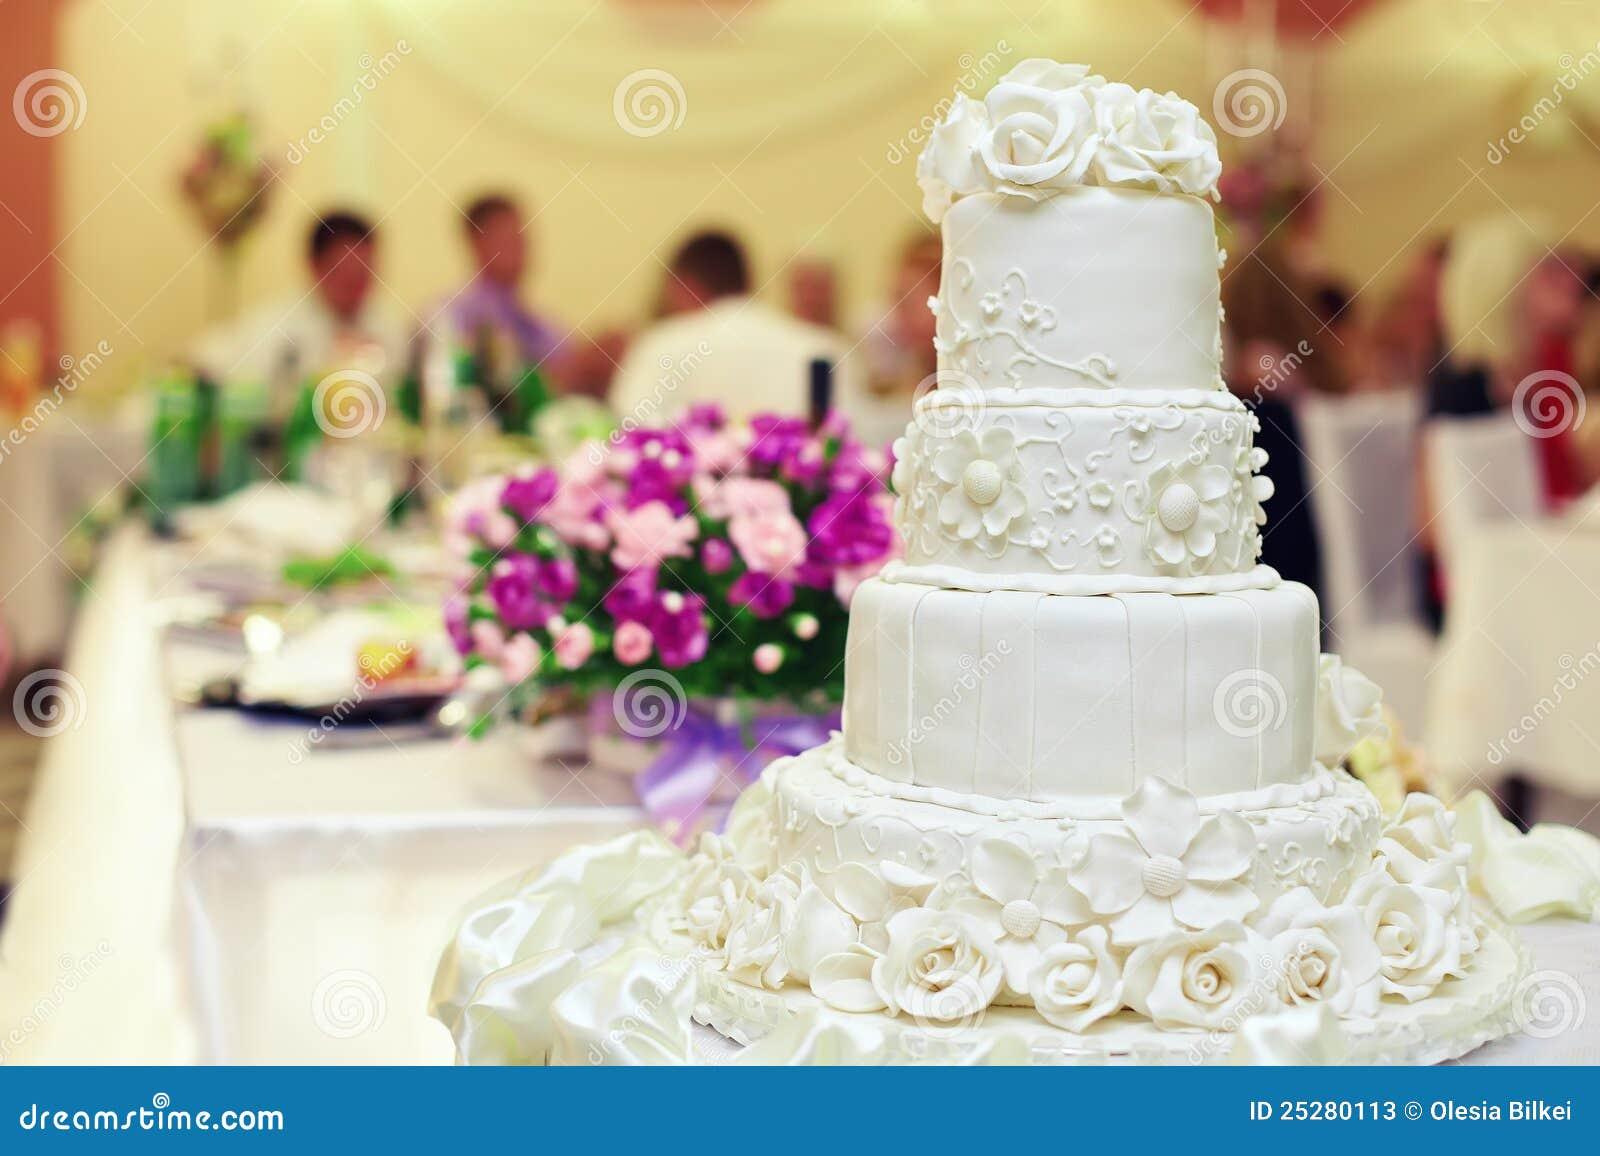 White Wedding Cake On Interior Background Stock Image